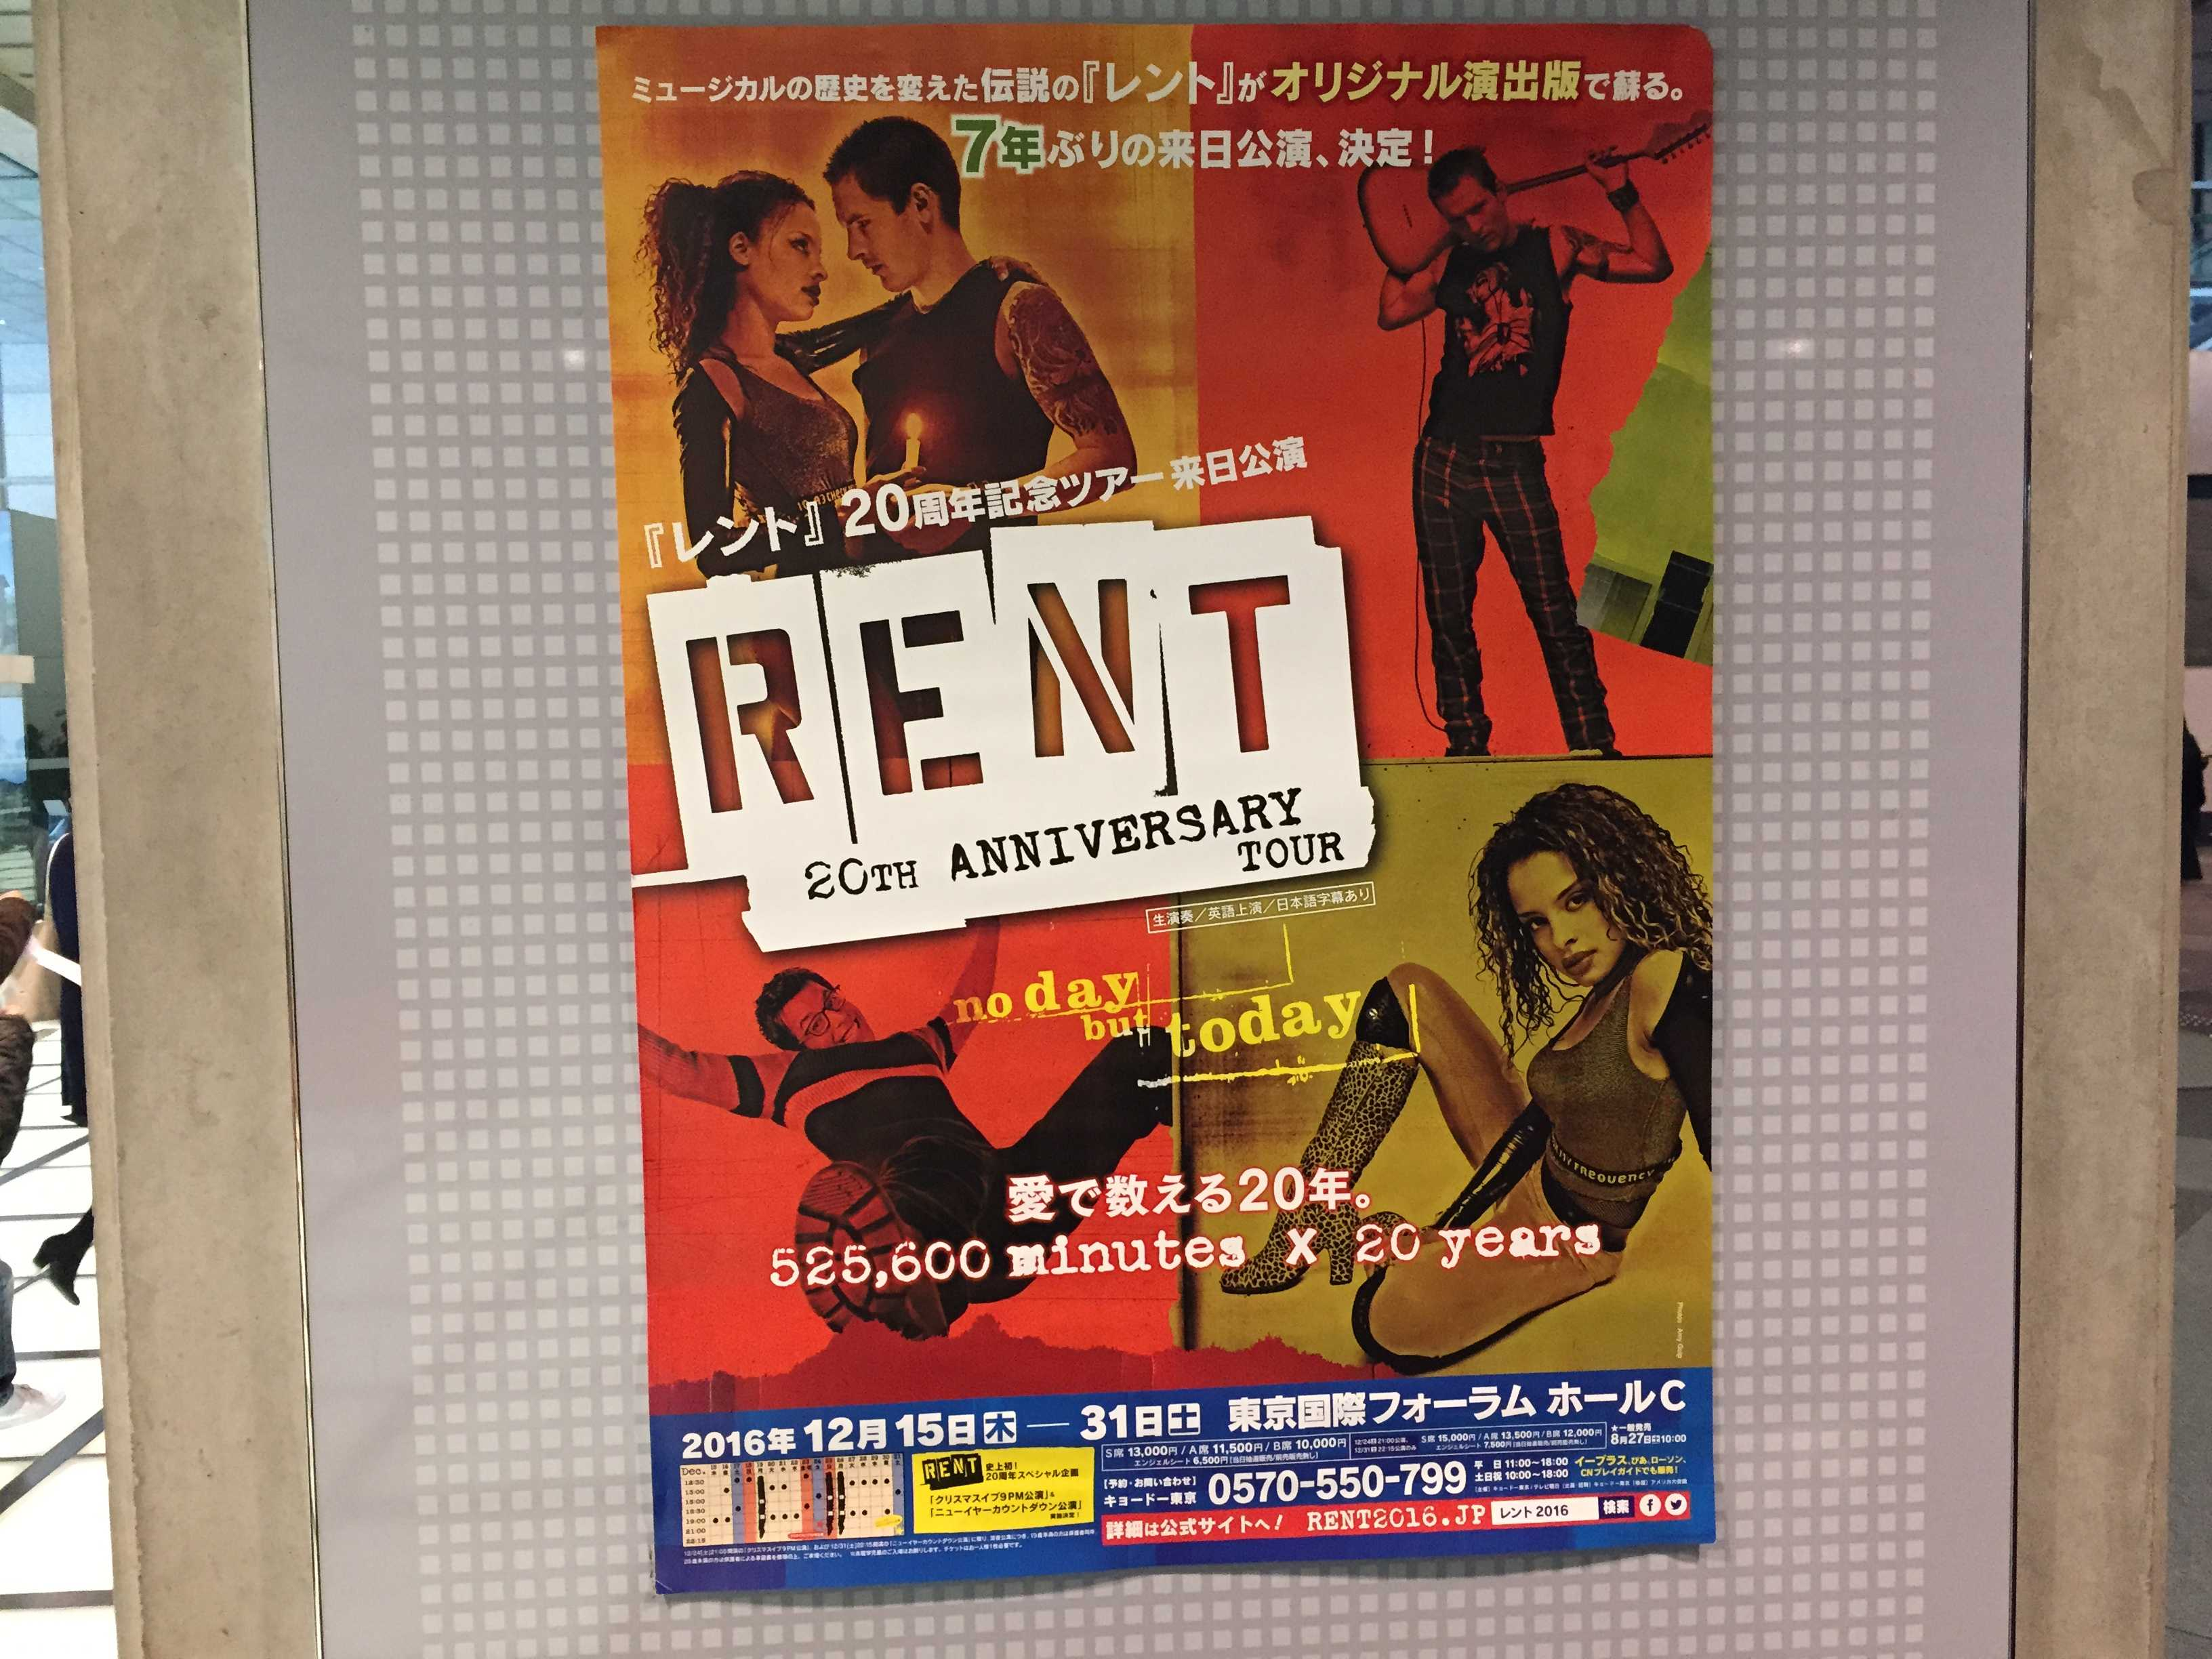 「レント」20周年記念ツアー 来日公演 RENT 20TH ANNIVERSARY TOUR